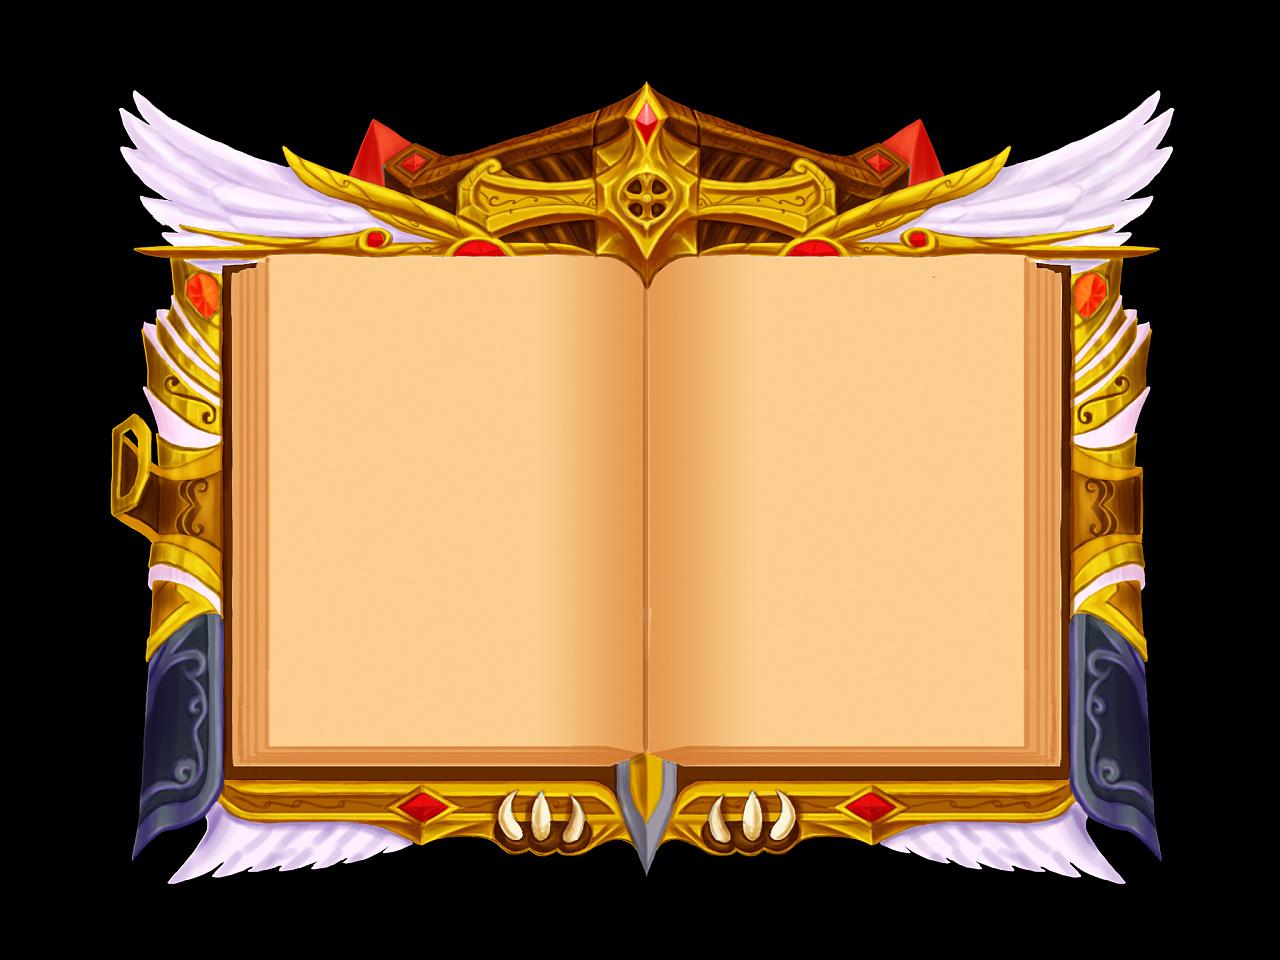 原创游戏ui之书本式界面图片